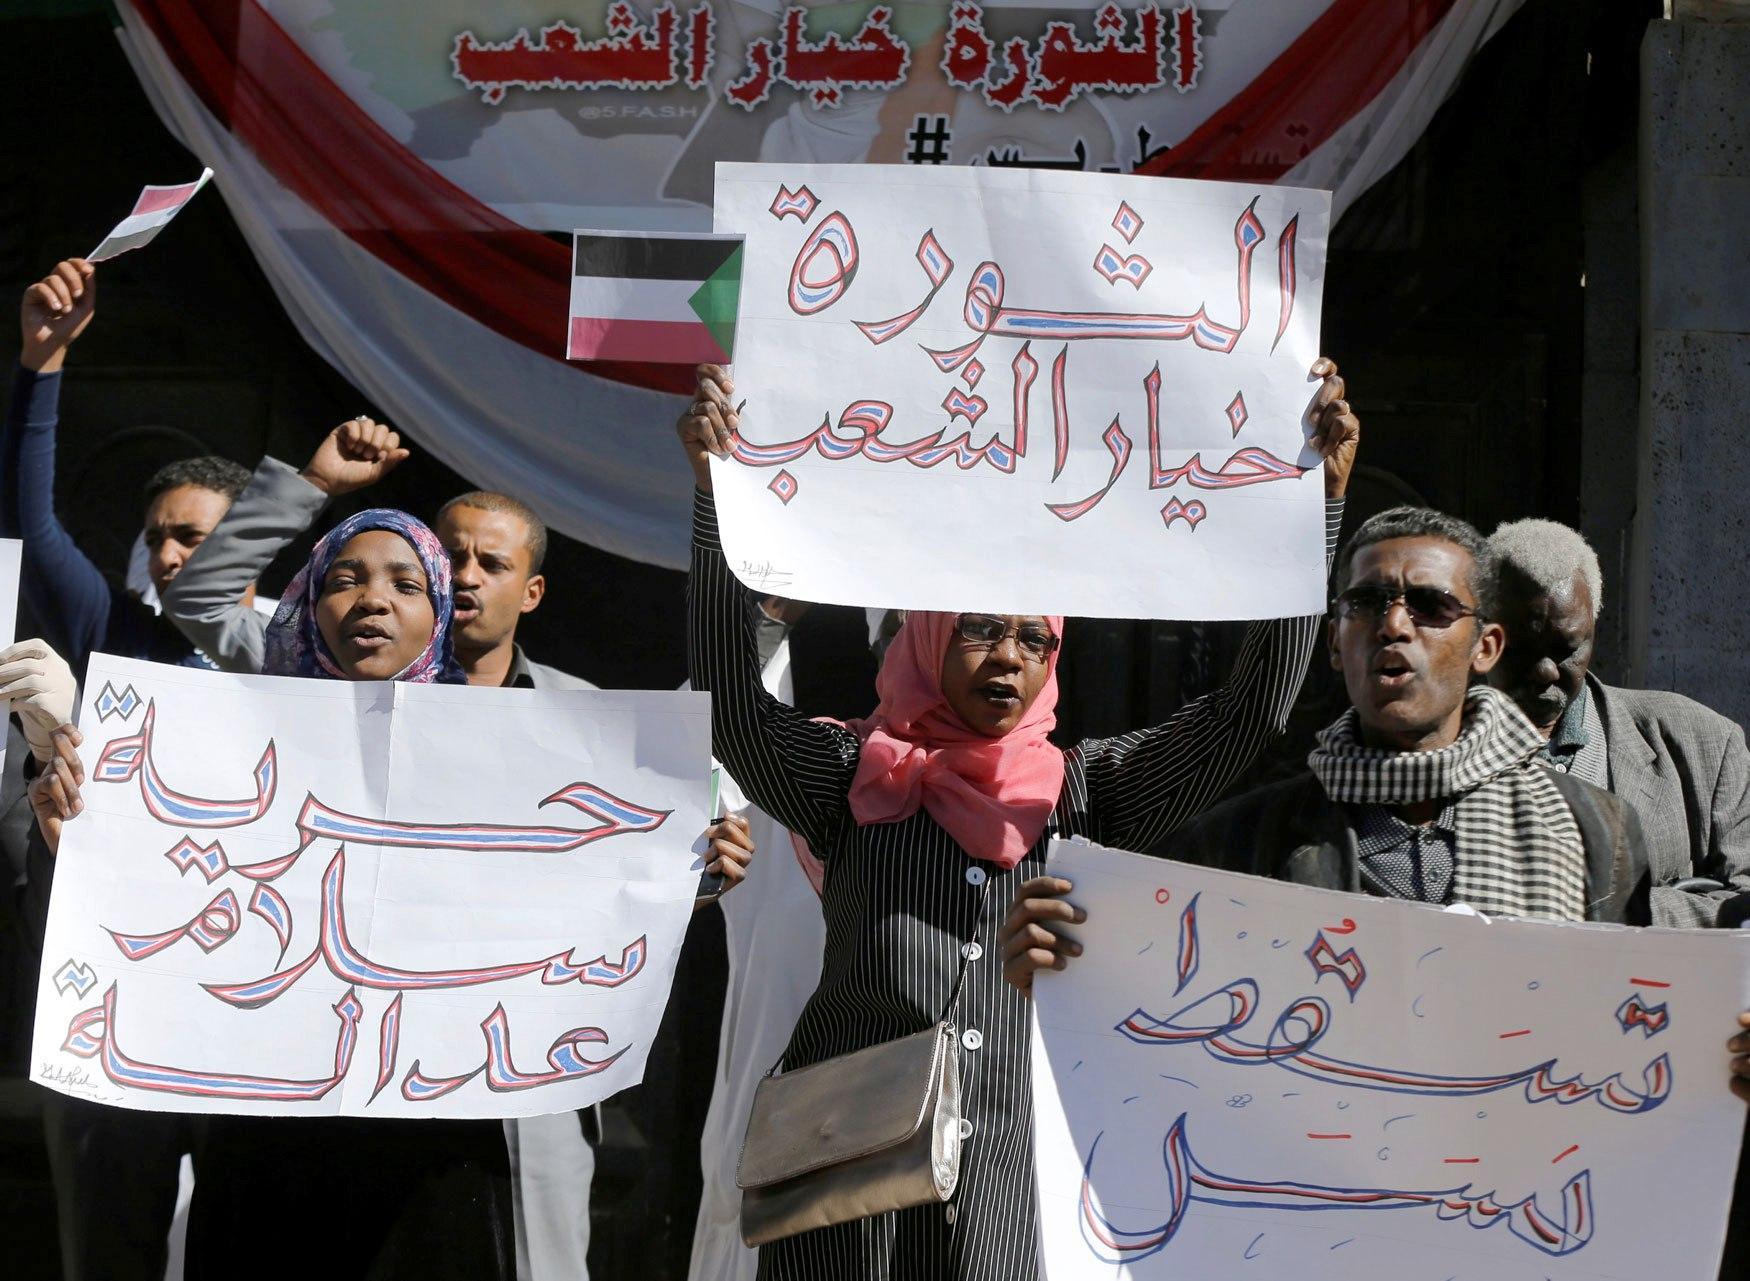 السودان..طريق شائك لتحقيق العدالة الانتقالية